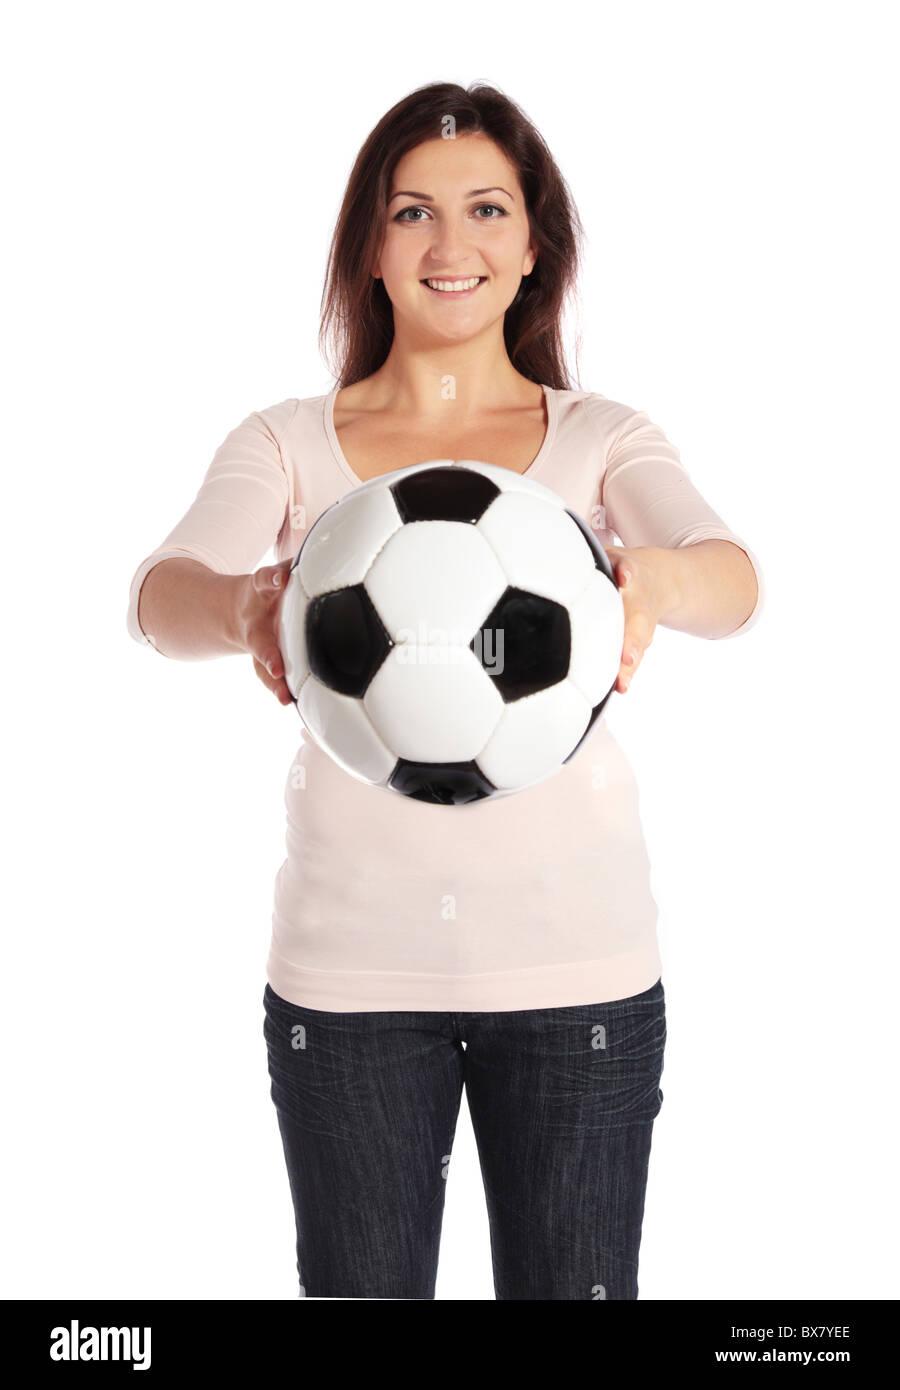 8ebd3c9453d23 Atractiva mujer joven sosteniendo un balón de fútbol. Todas aisladas sobre  fondo blanco. Imagen